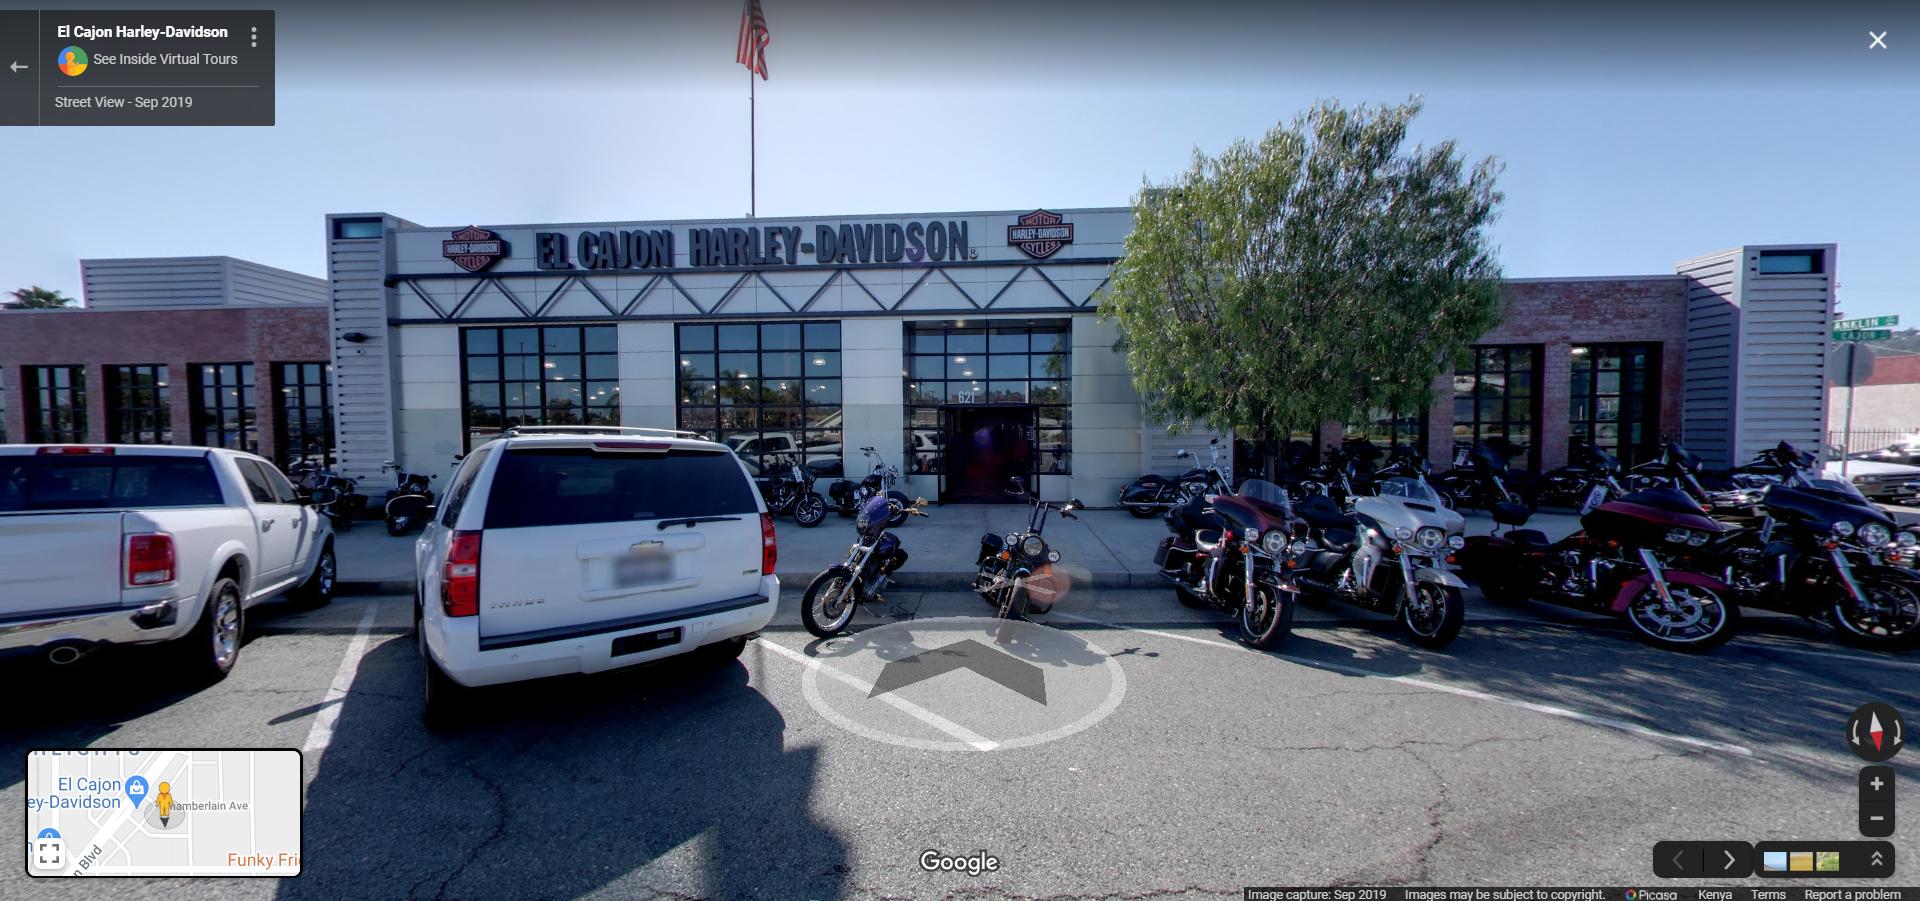 El Cajon Harley-Davidson - El Cajon